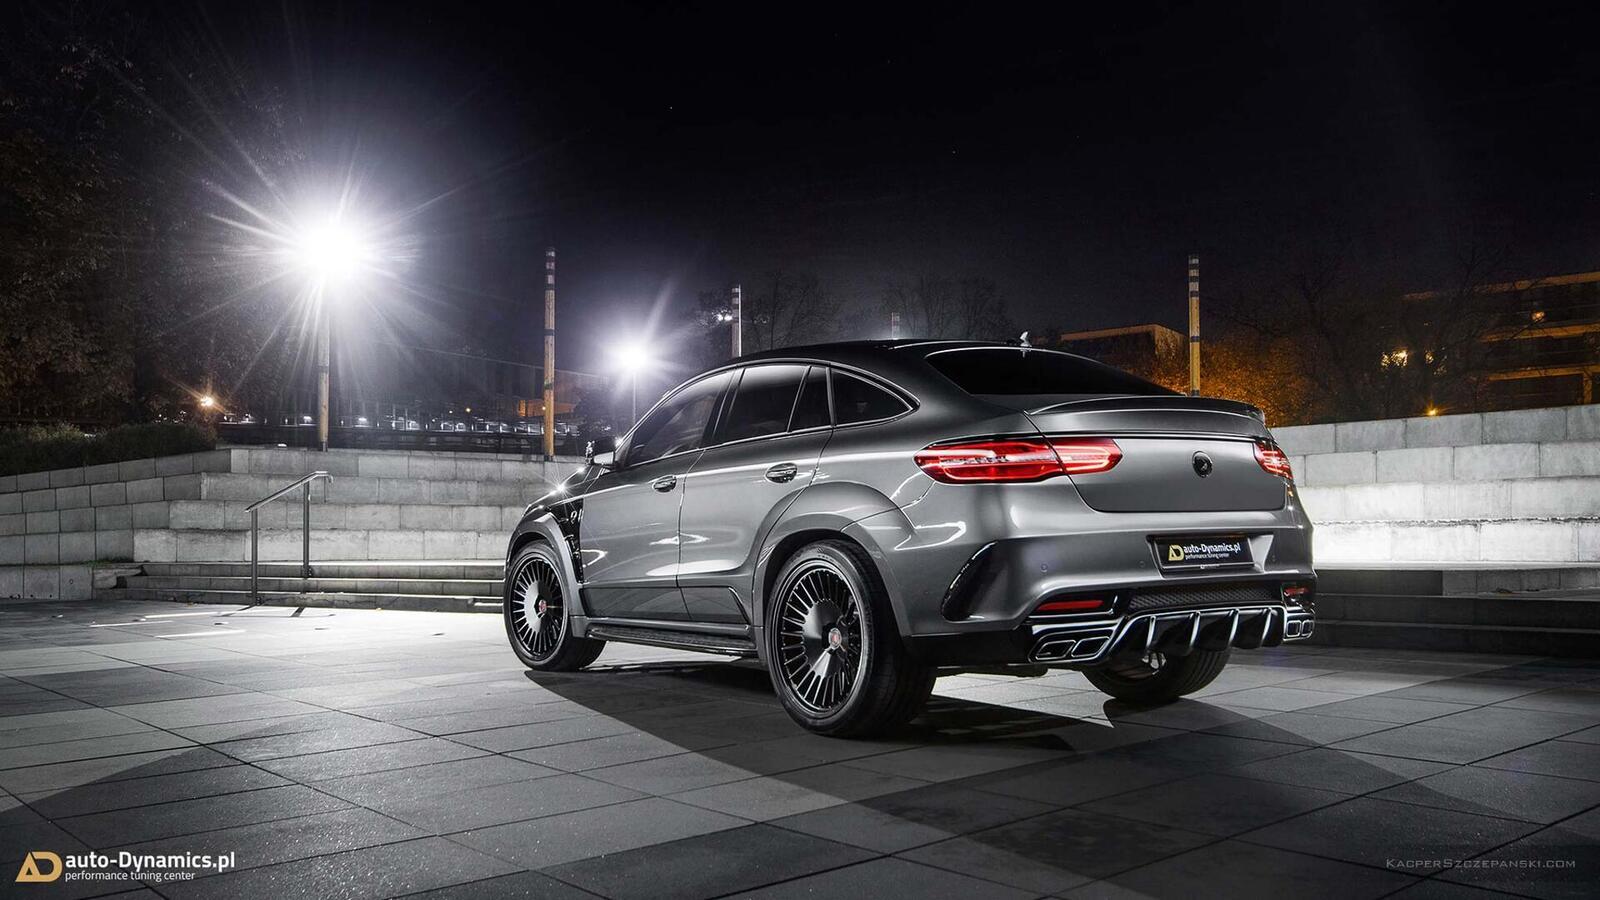 Mercedes-AMG GLE 63 S Coupe độ công suất lên 795 mã lực; tăng tốc 0-100 km/h trong 3,25 giây - Hình 14